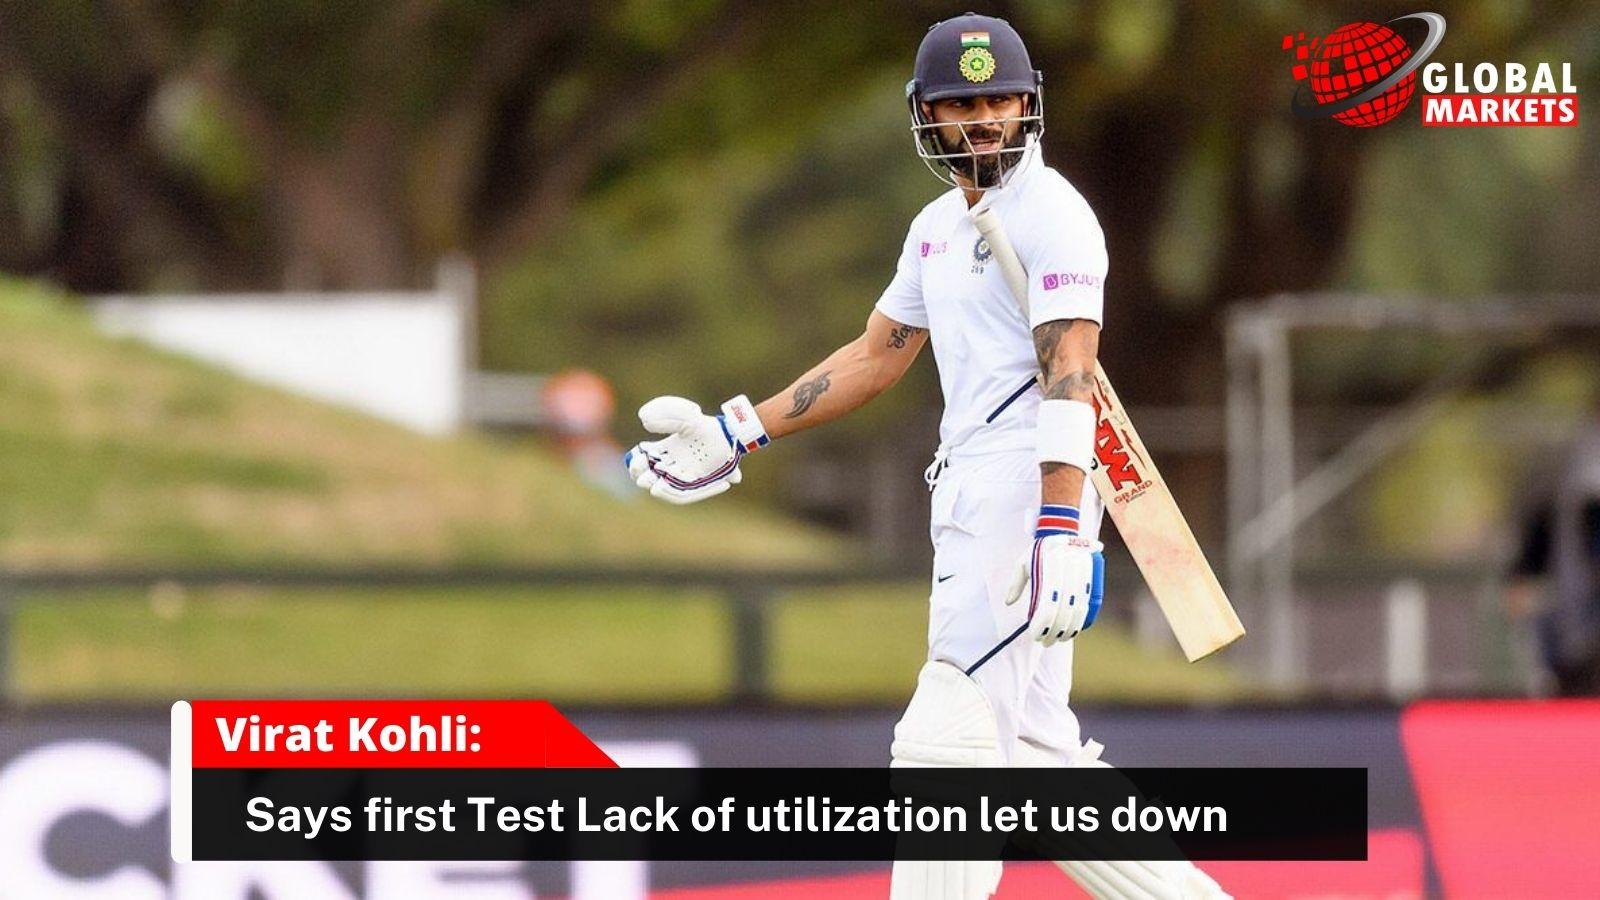 First Test: Lack of utilization let us down, says Virat Kohli